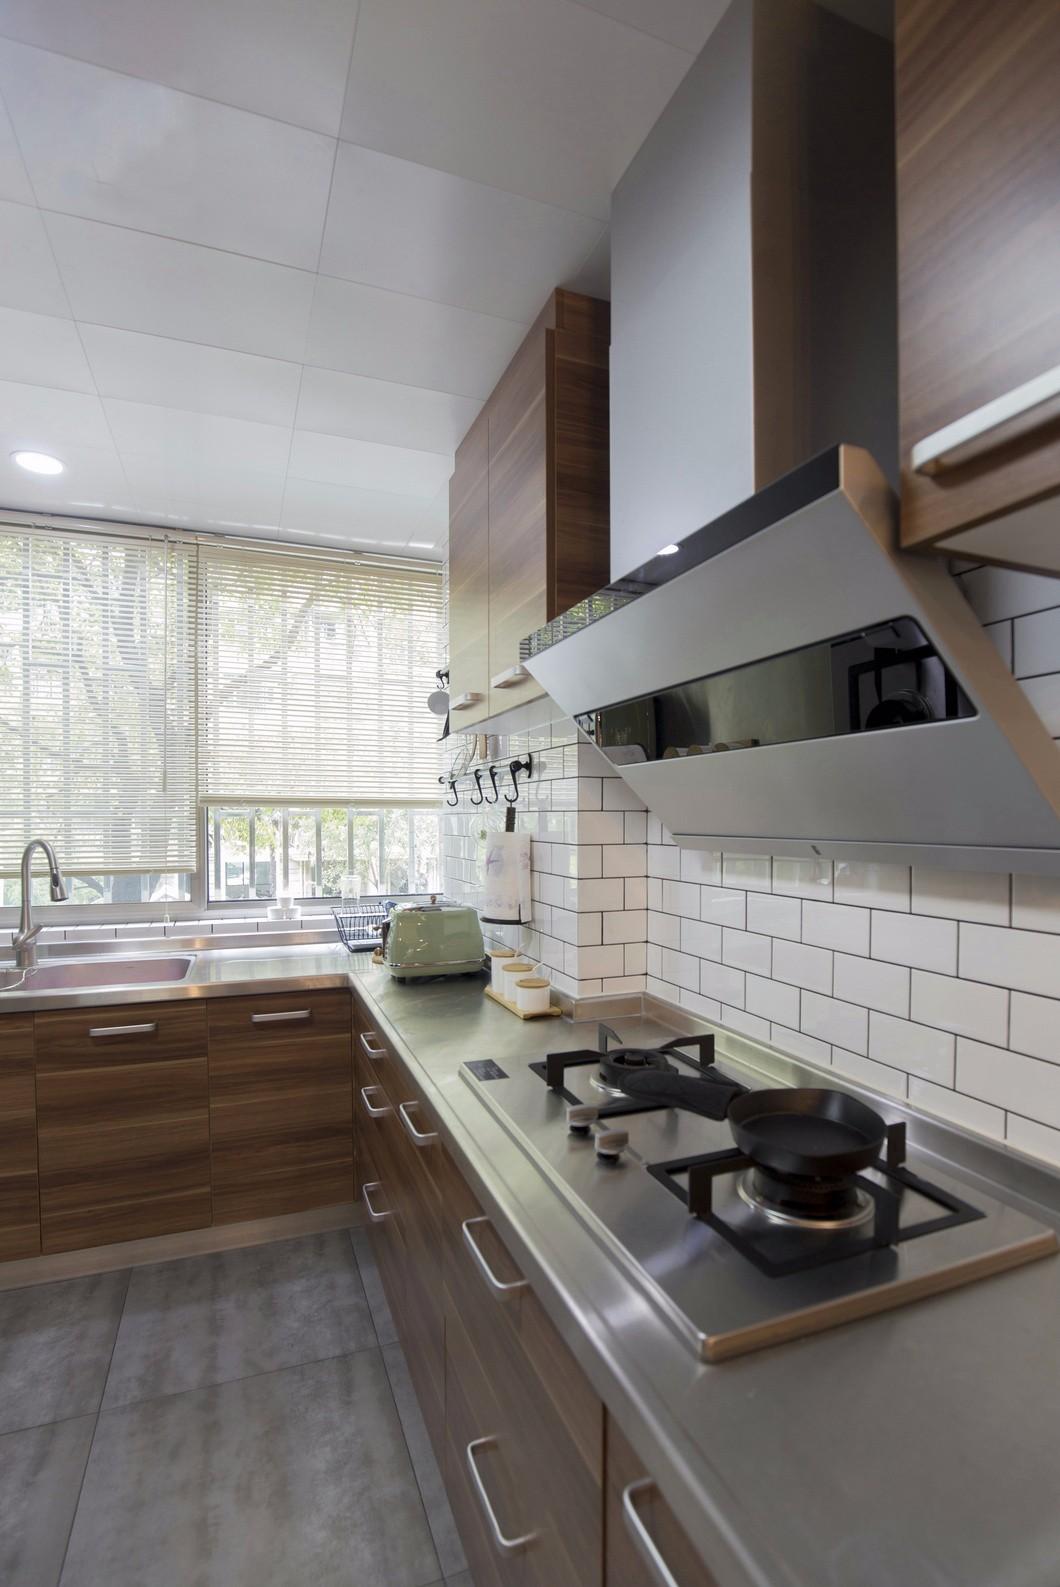 130㎡现代简约风厨房装修效果图